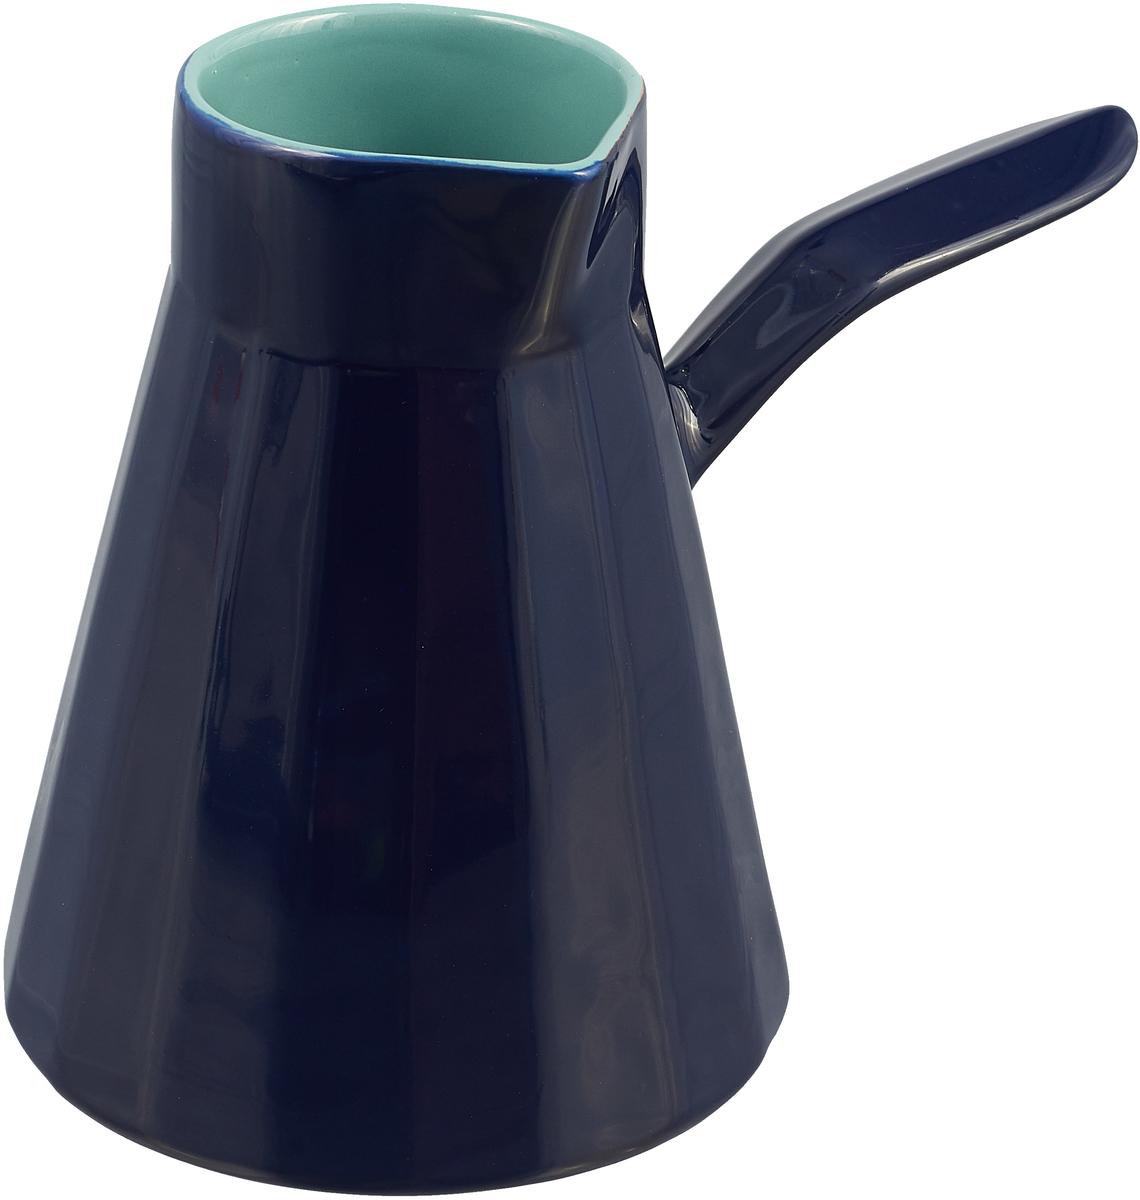 Турка Борисовская керамика Ностальгия, цвет: темно-синий, 600 мл сервиз кофейный борисовская керамика ностальгия обч14457984